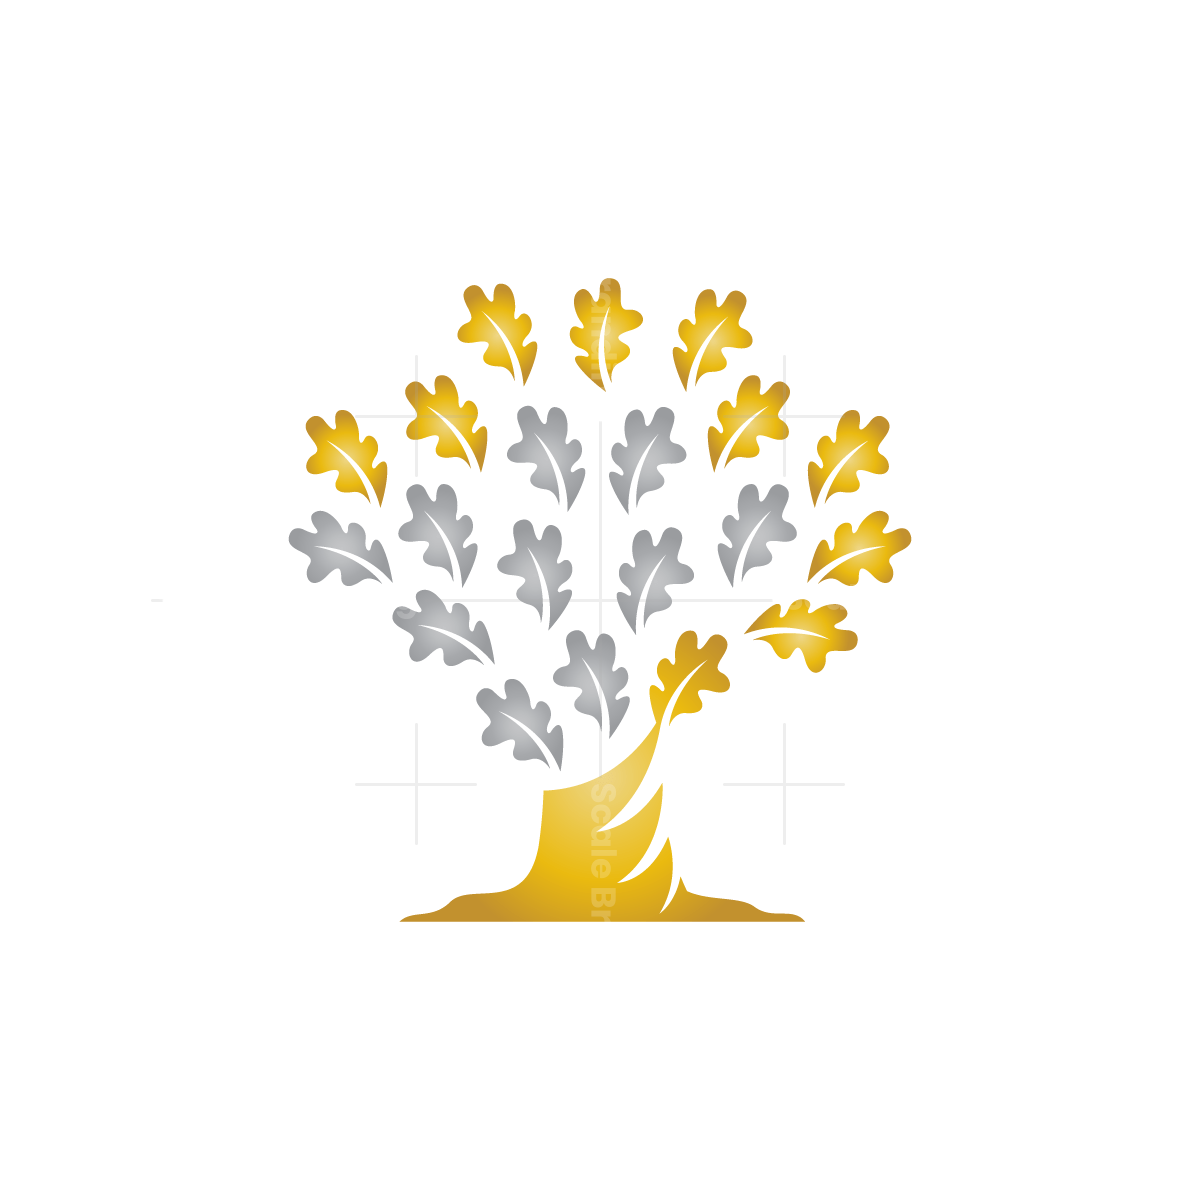 Gold And Silver Oak Tree Logo Oak Tree Logo Design Tree Logo Design Tree Logos